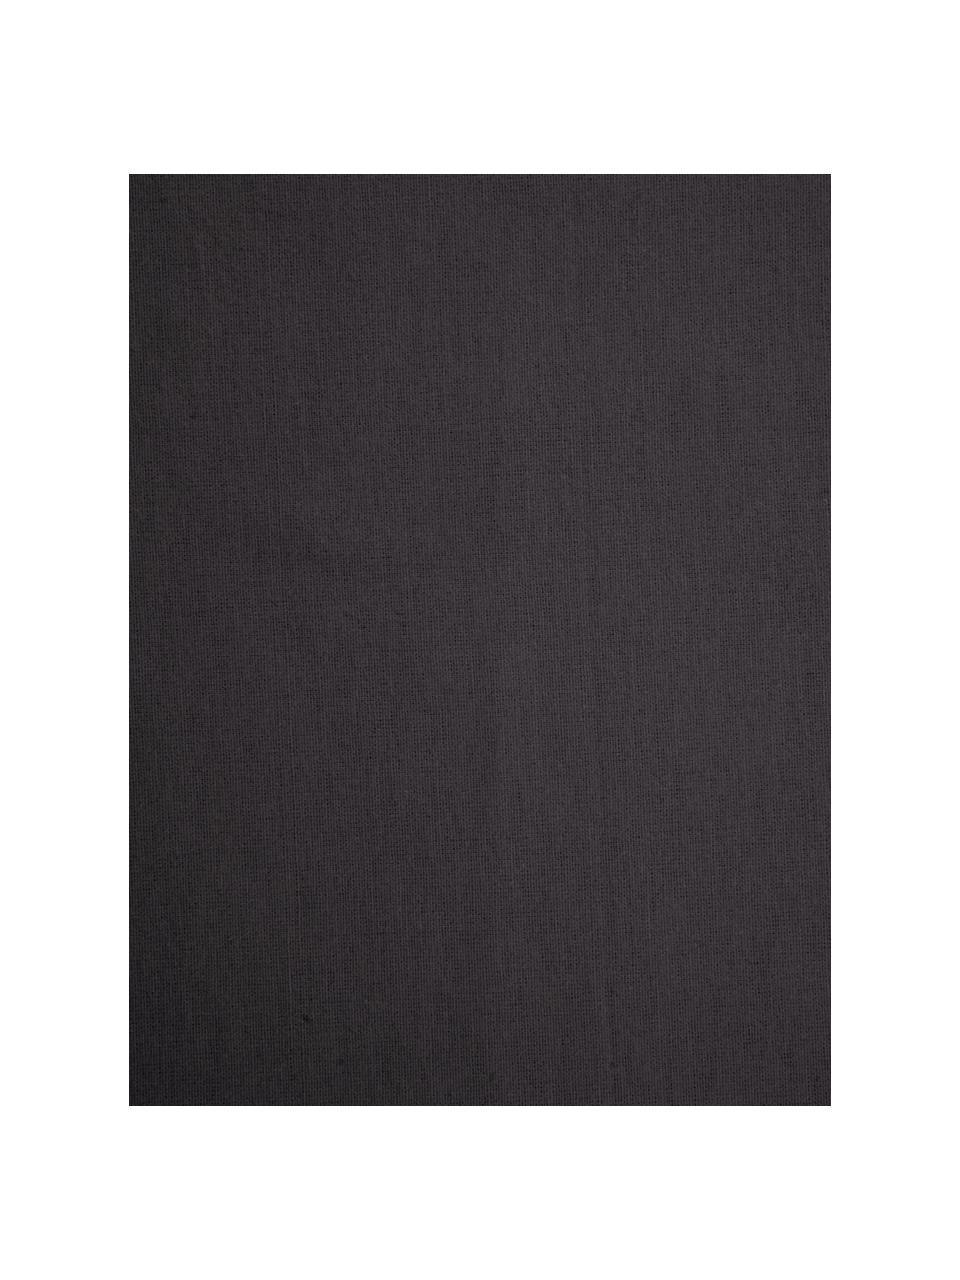 Flanell-Spannbettlaken Biba in Dunkelgrau, Webart: Flanell Flanell ist ein k, Dunkelgrau, 180 x 200 cm